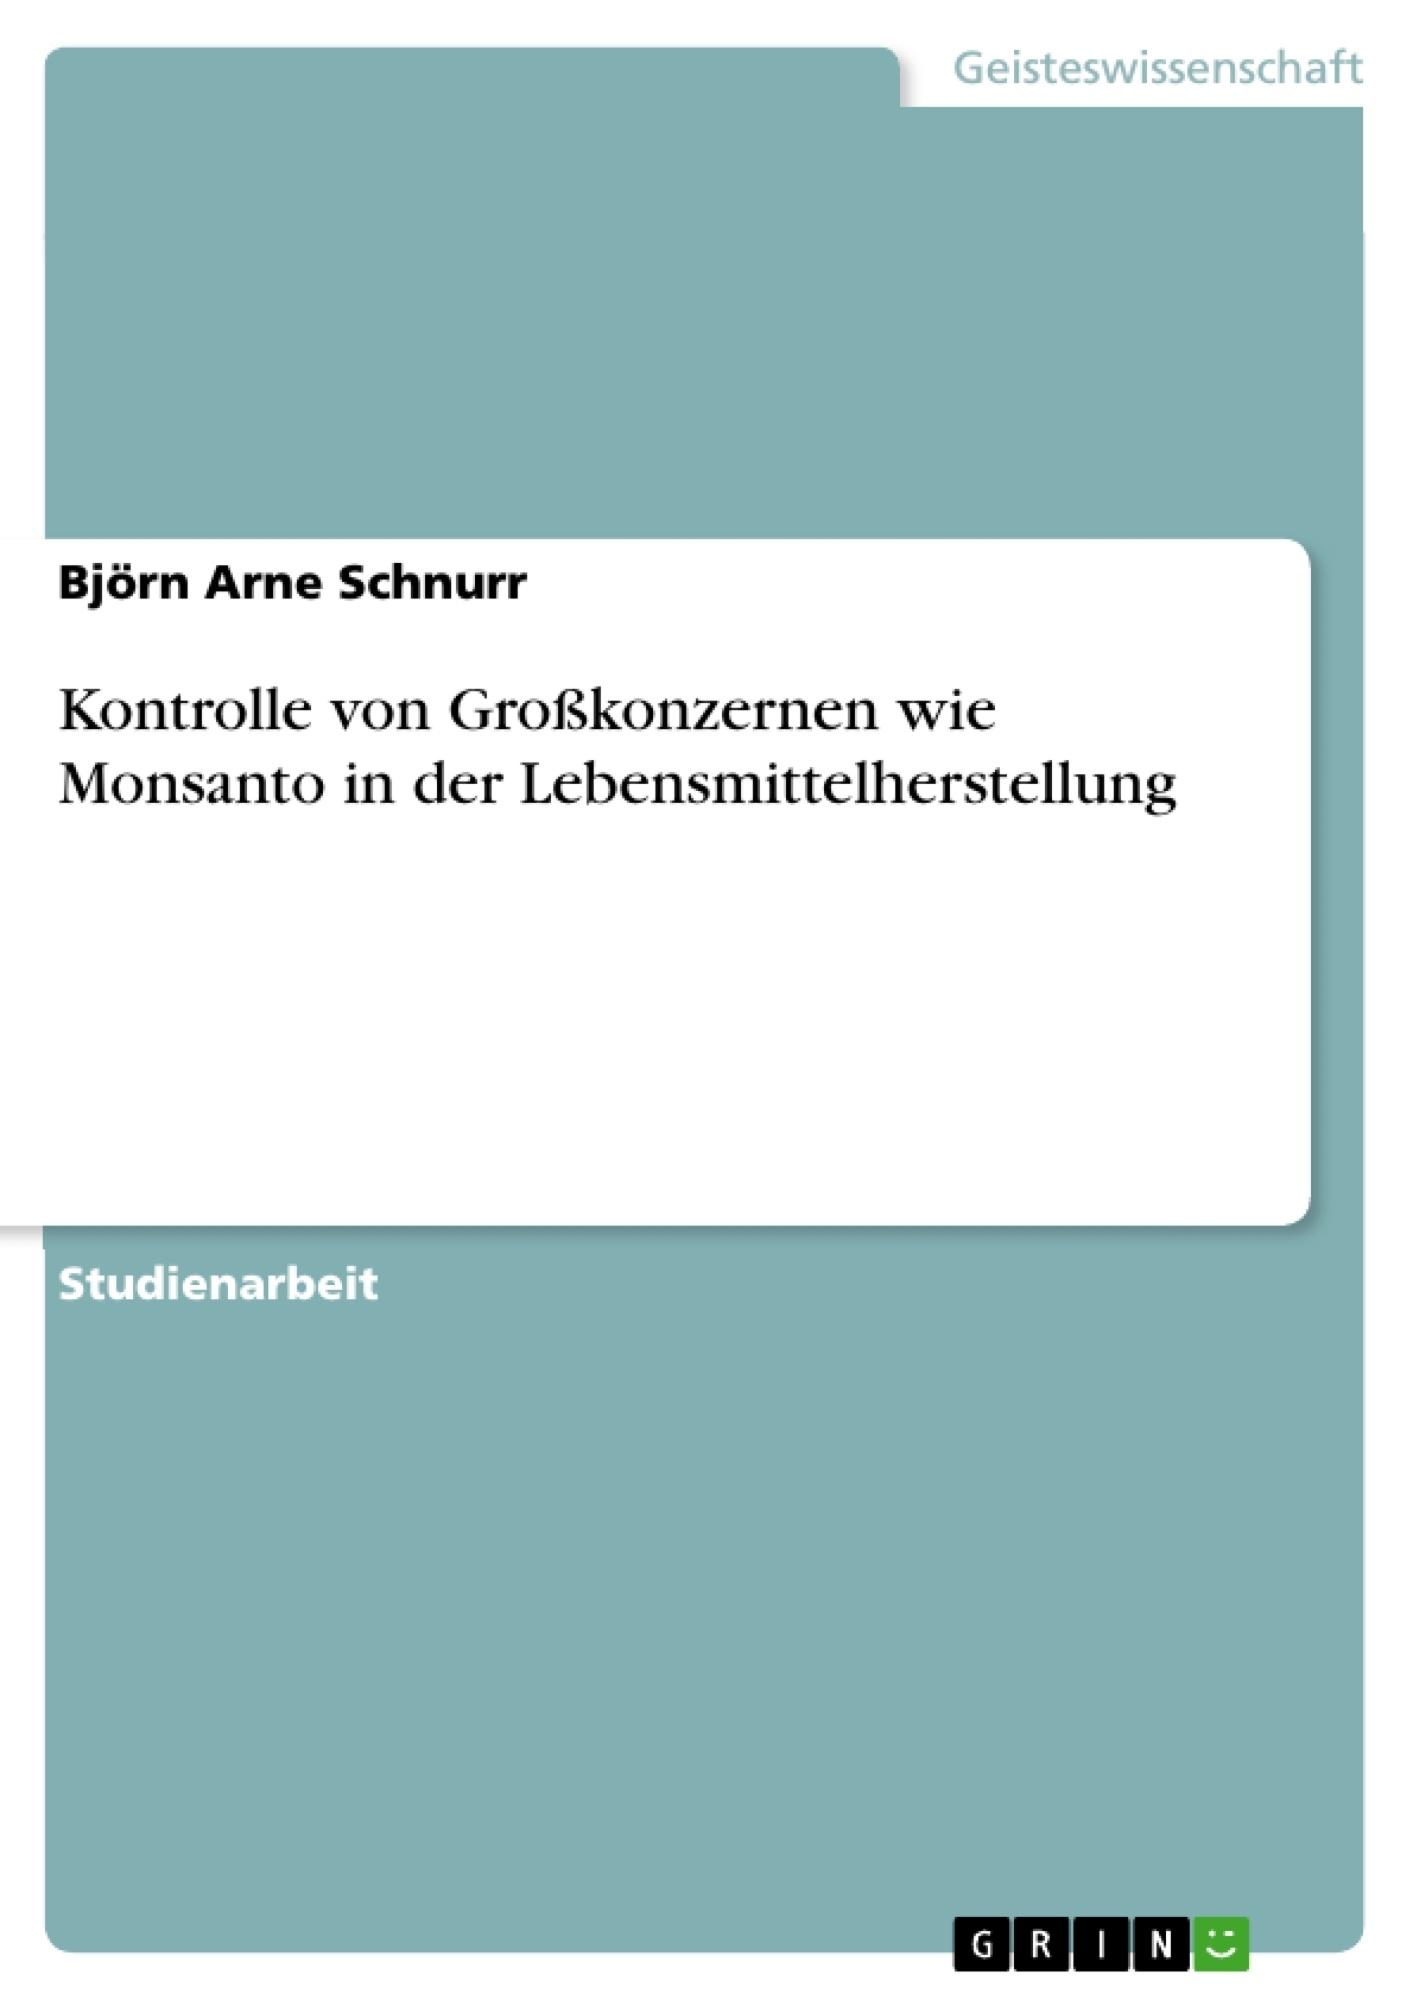 Titel: Kontrolle von Großkonzernen wie Monsanto in der Lebensmittelherstellung